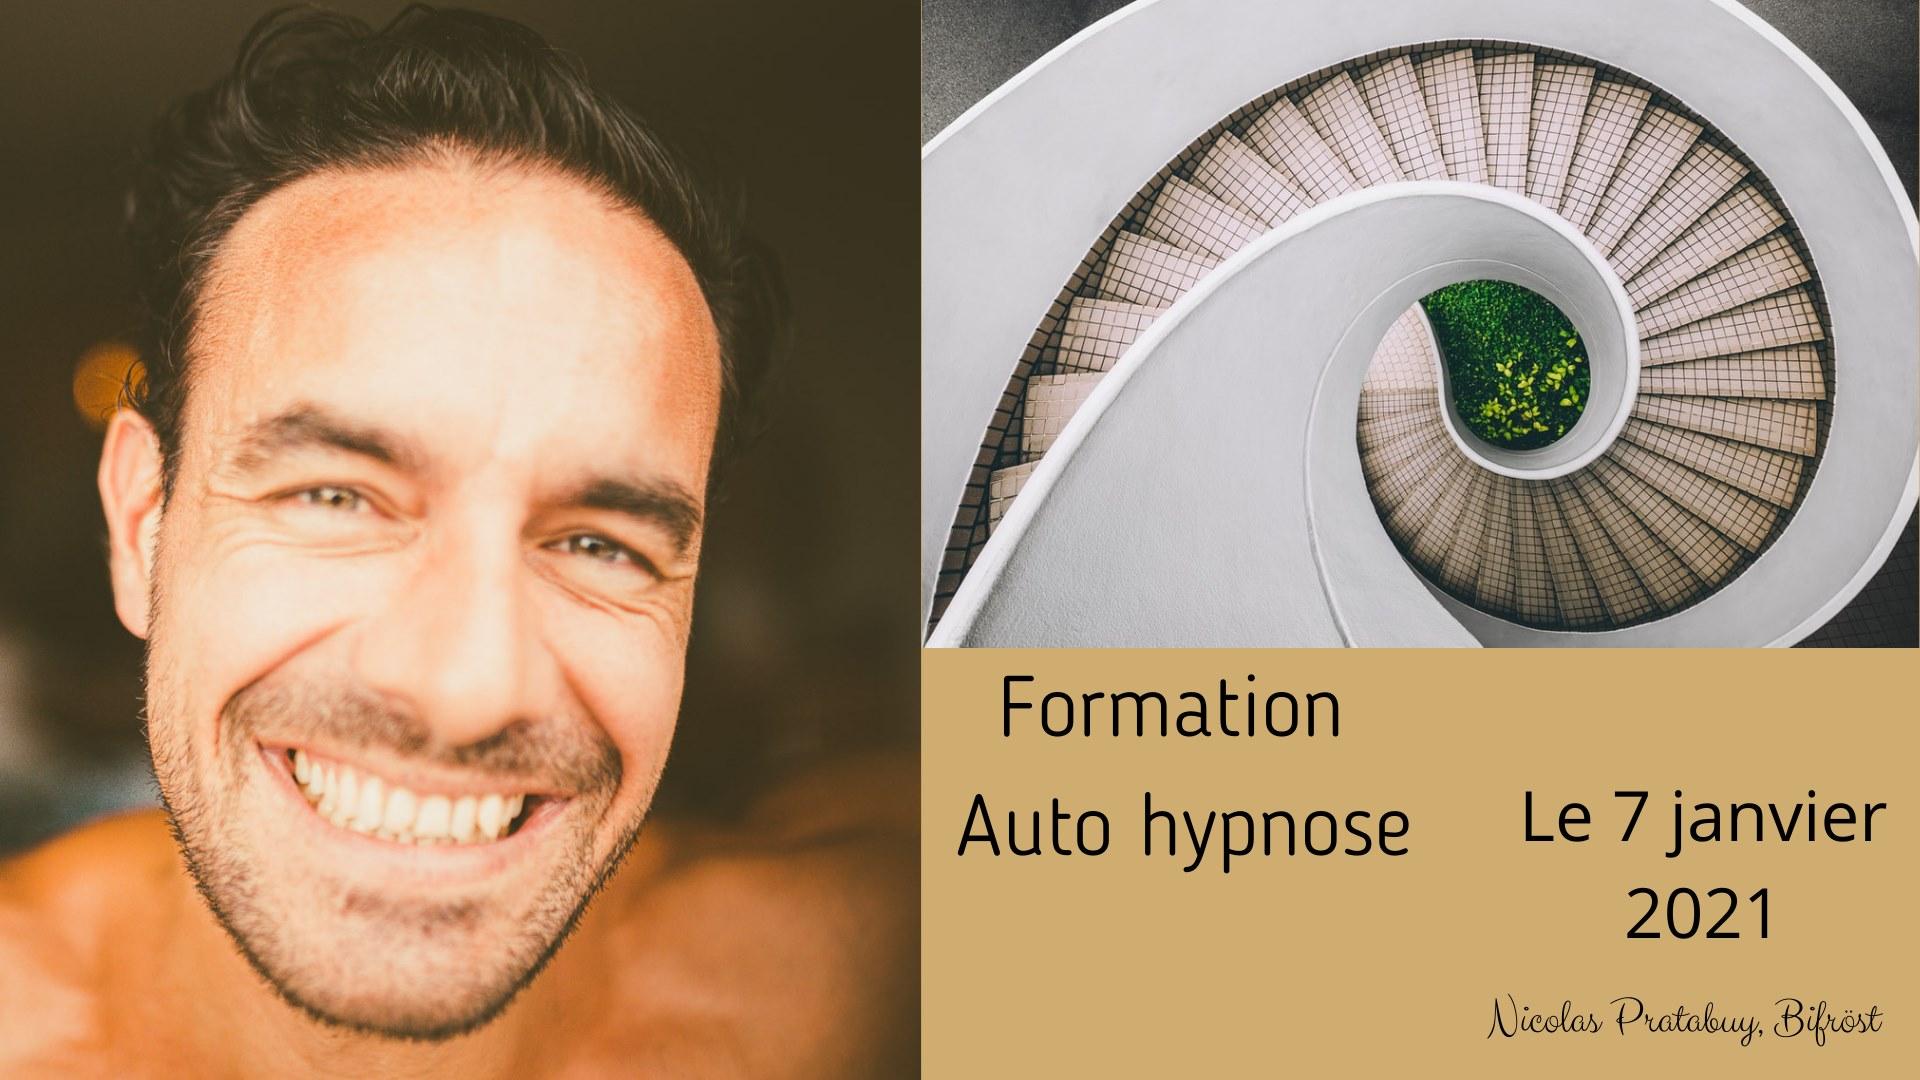 formation auto hypnose joyeuse nicolas pratabuy